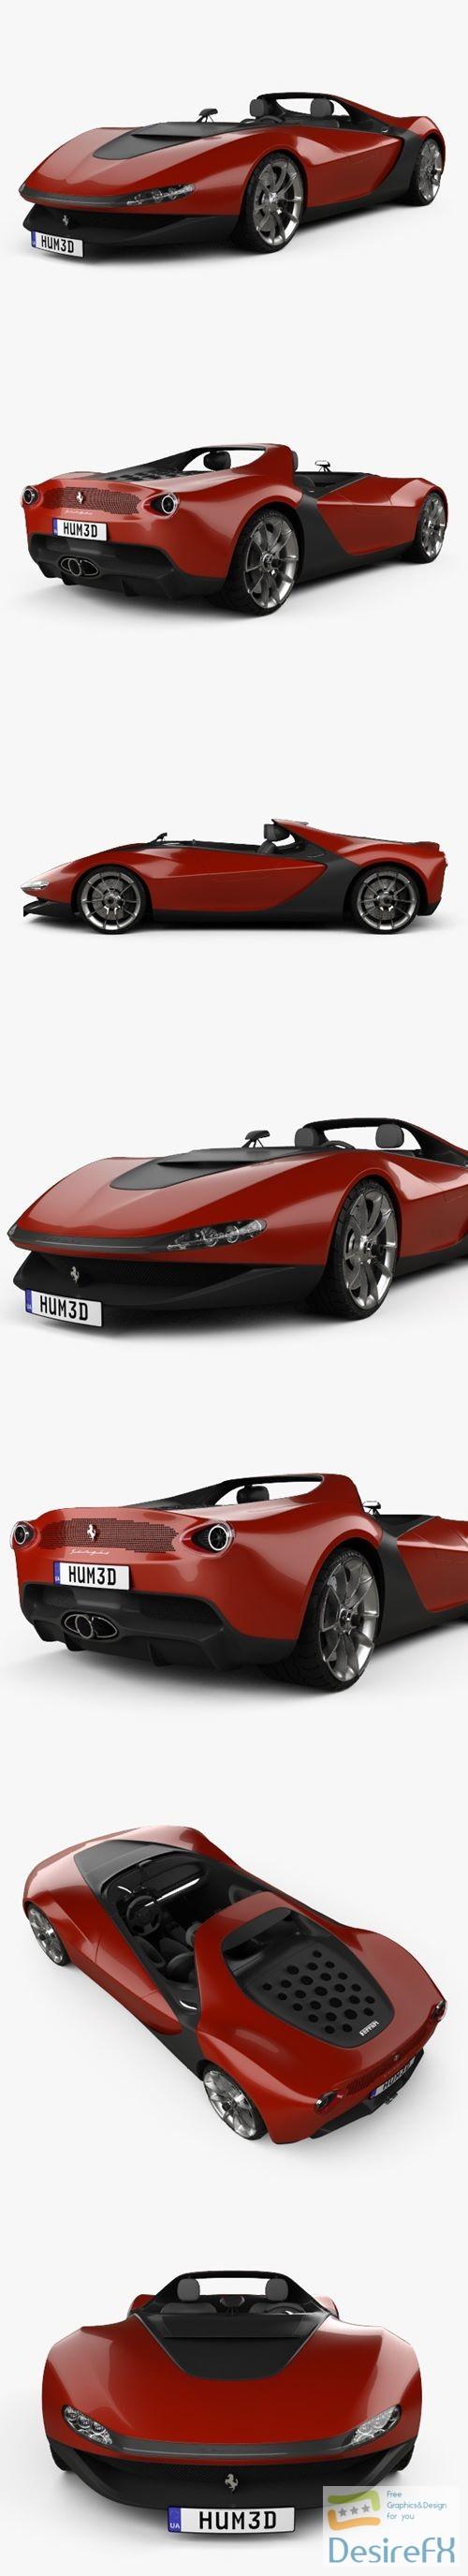 3d-models - Ferrari Pininfarina Sergio 2013 3D Model